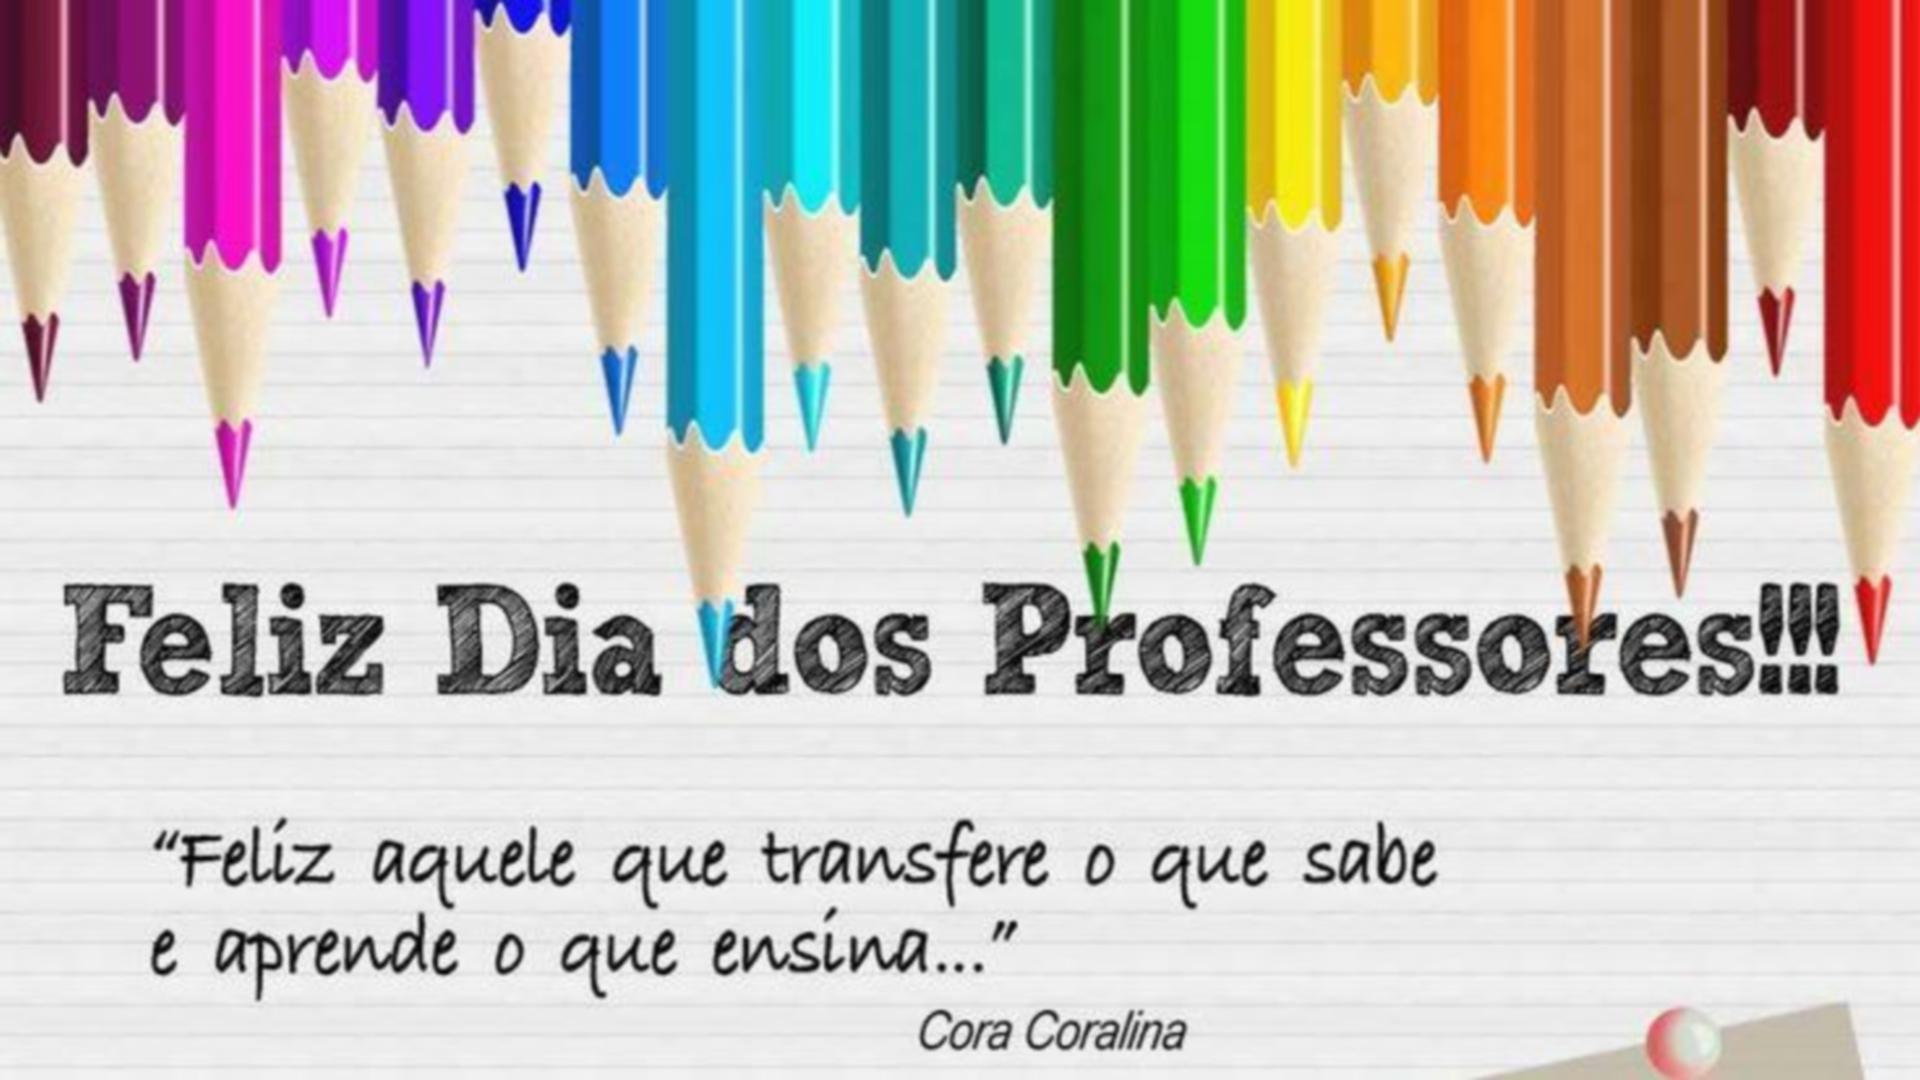 ADMINISTRAÇÃO 2017 – 2020 PARABENIZA PROFESSORES PELO SEU DIA E RECONHECE SUA IMPORTÂNCIA !!